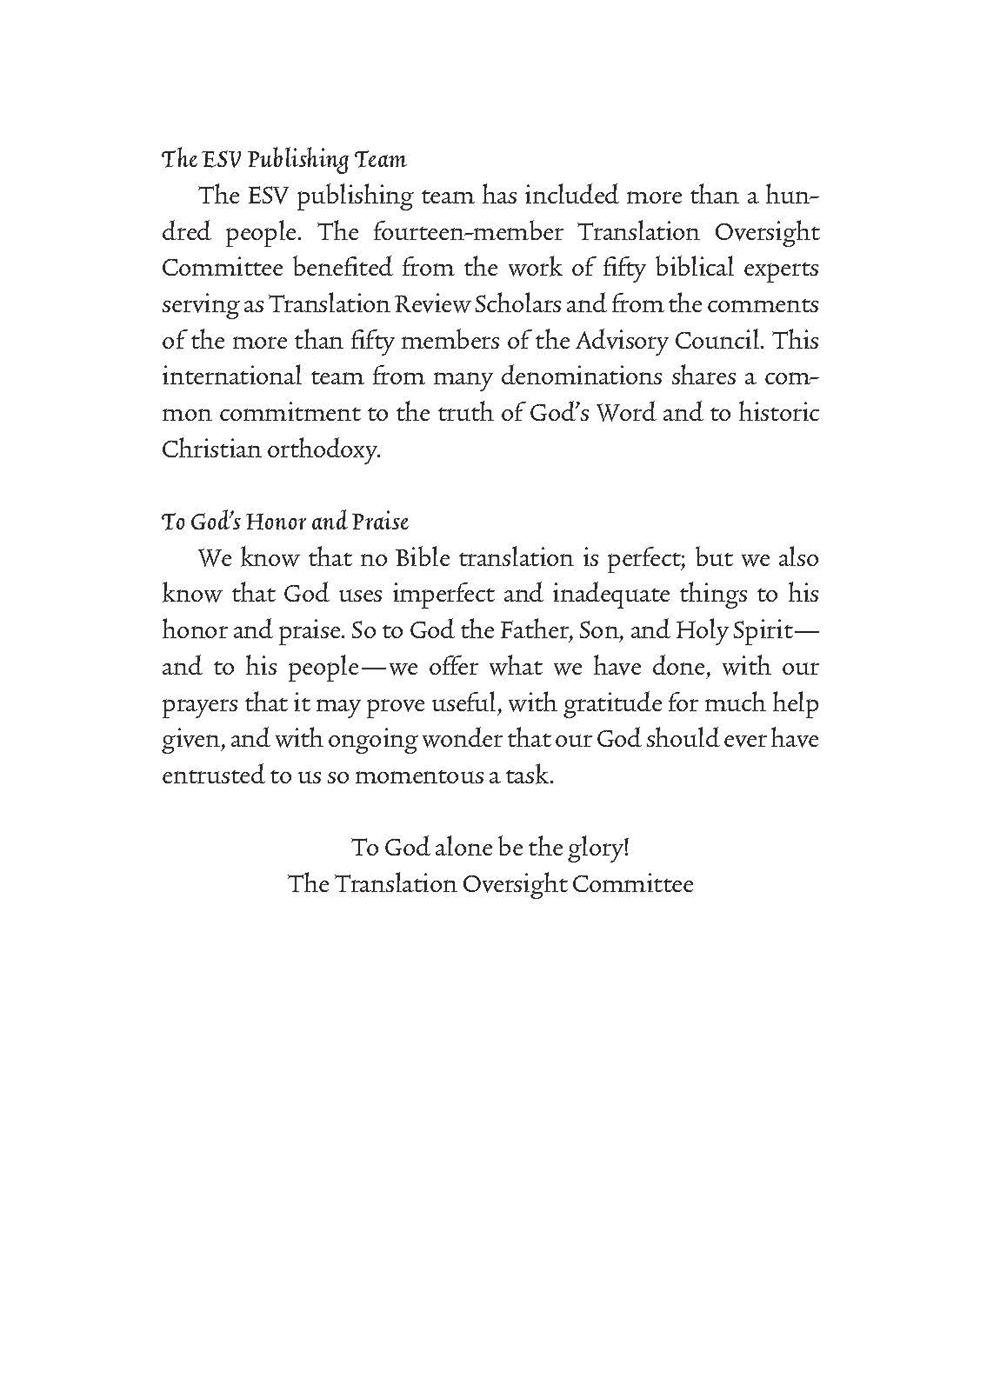 ESV Scripture Journal: 1 Corinthians